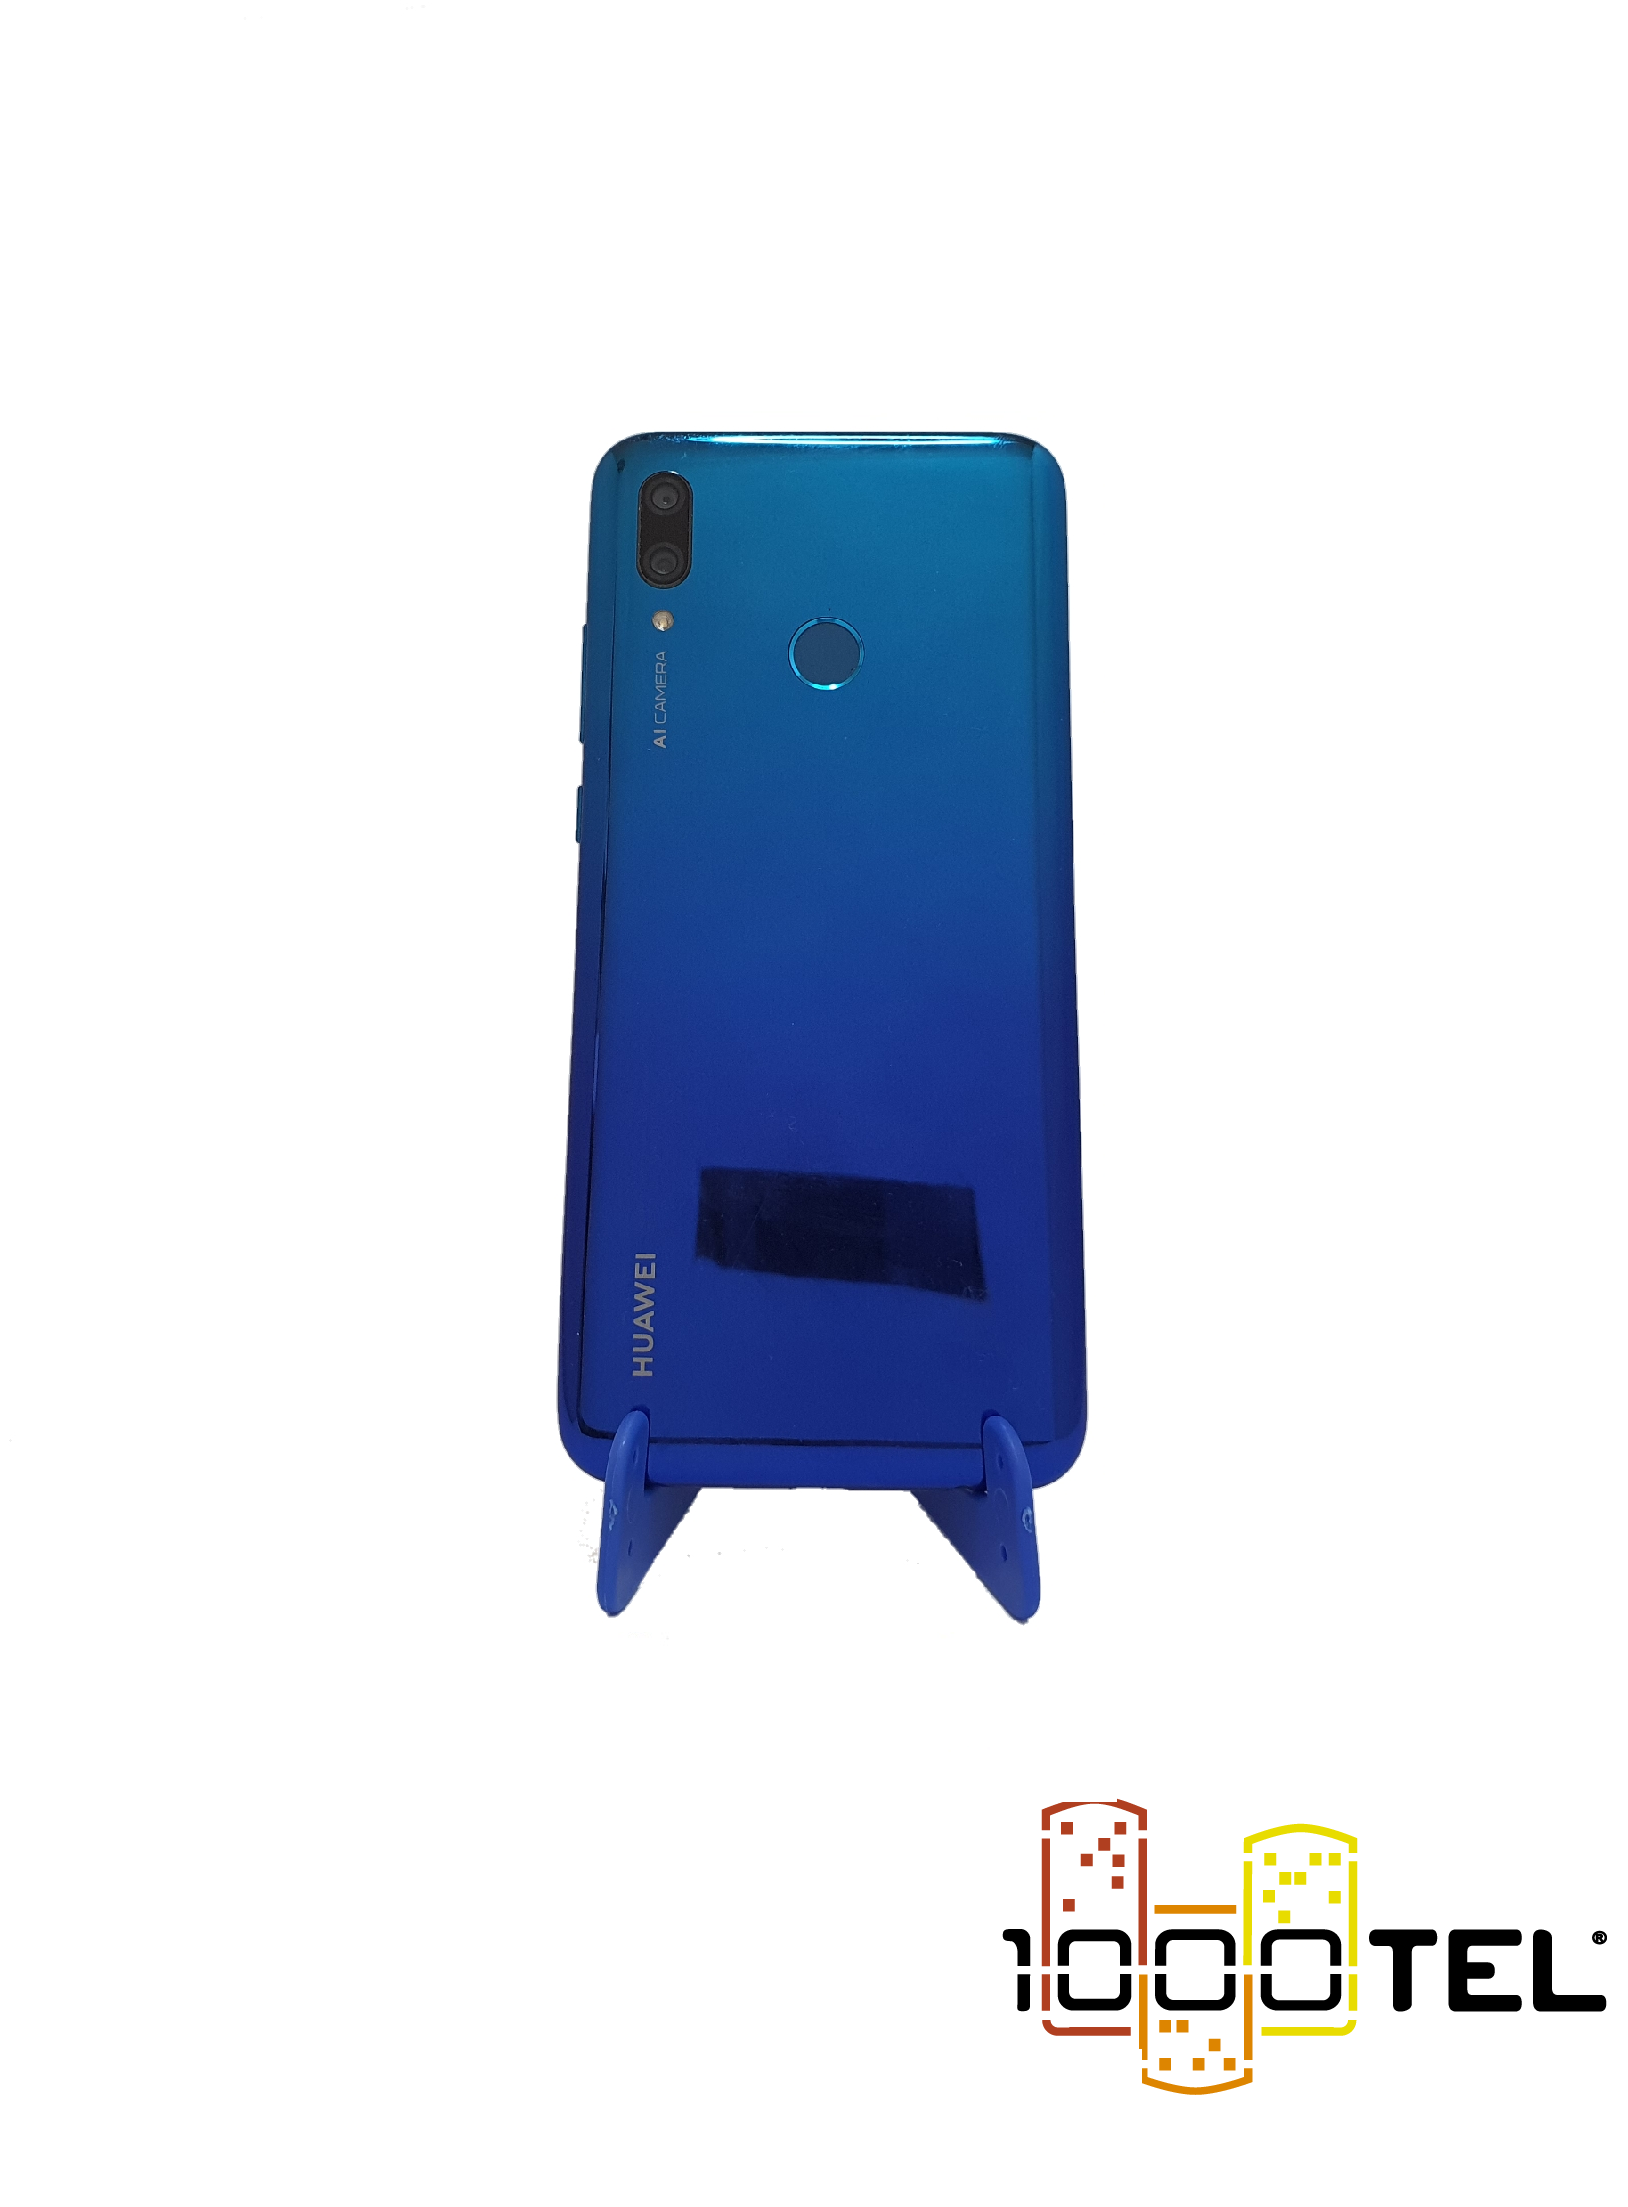 Huawei P Smart 2019 #2